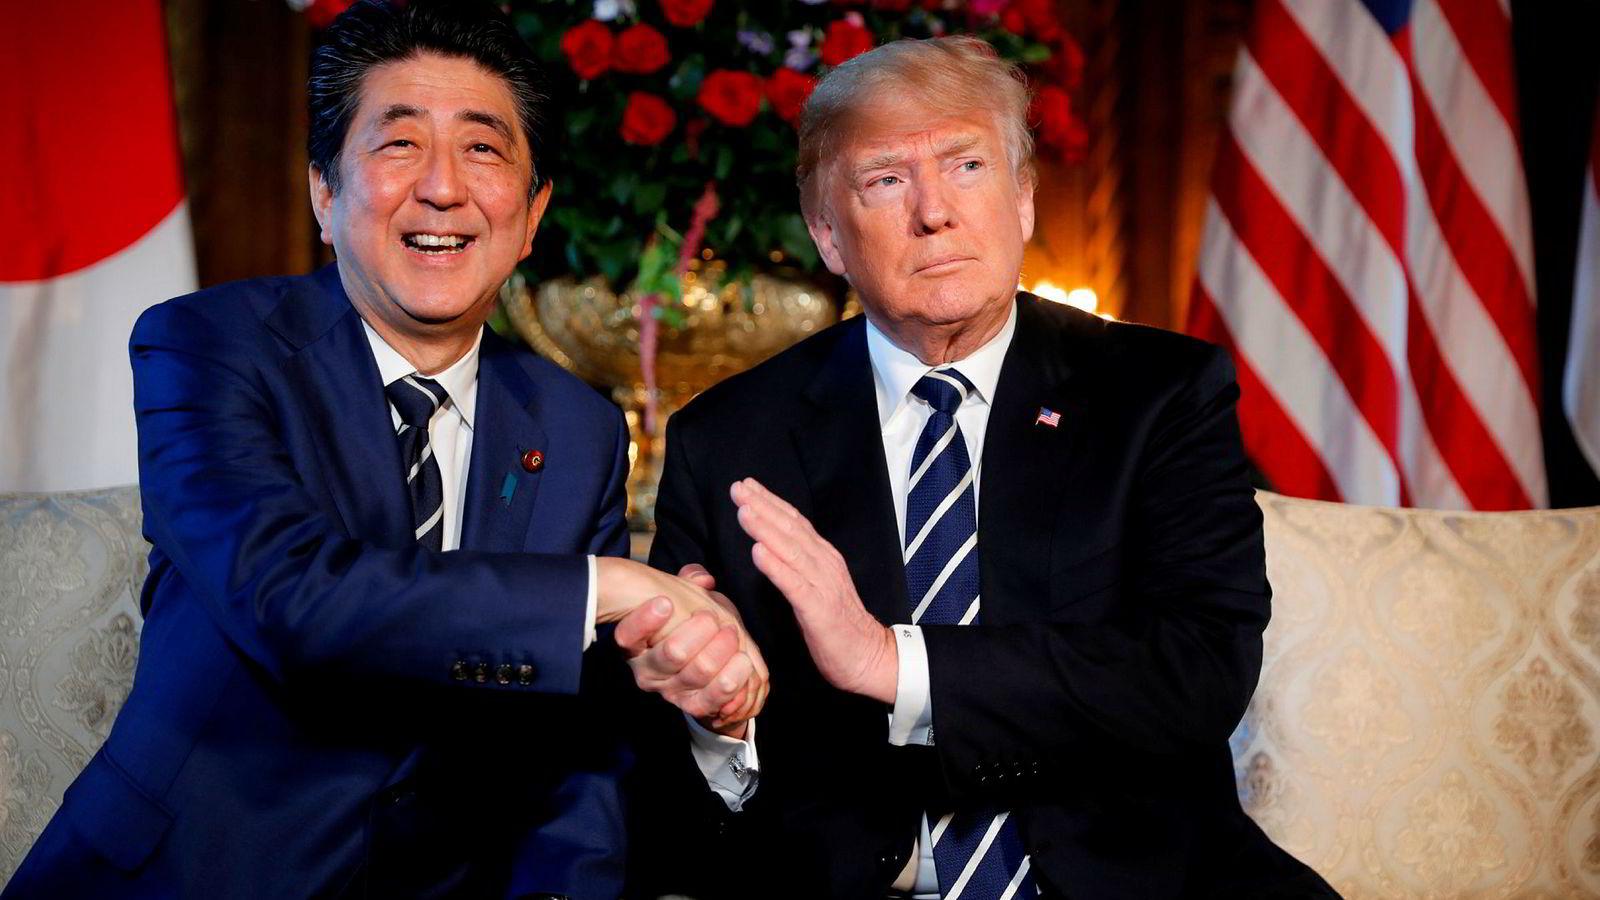 USAs president Donald Trump og Japans statsminister Shinzo Abe skal møtes tre ganger før slutten av juni. I neste uker starter handelsforhandlingene. USA håper på en rask forhandlingsrunde. Japan har god tid.